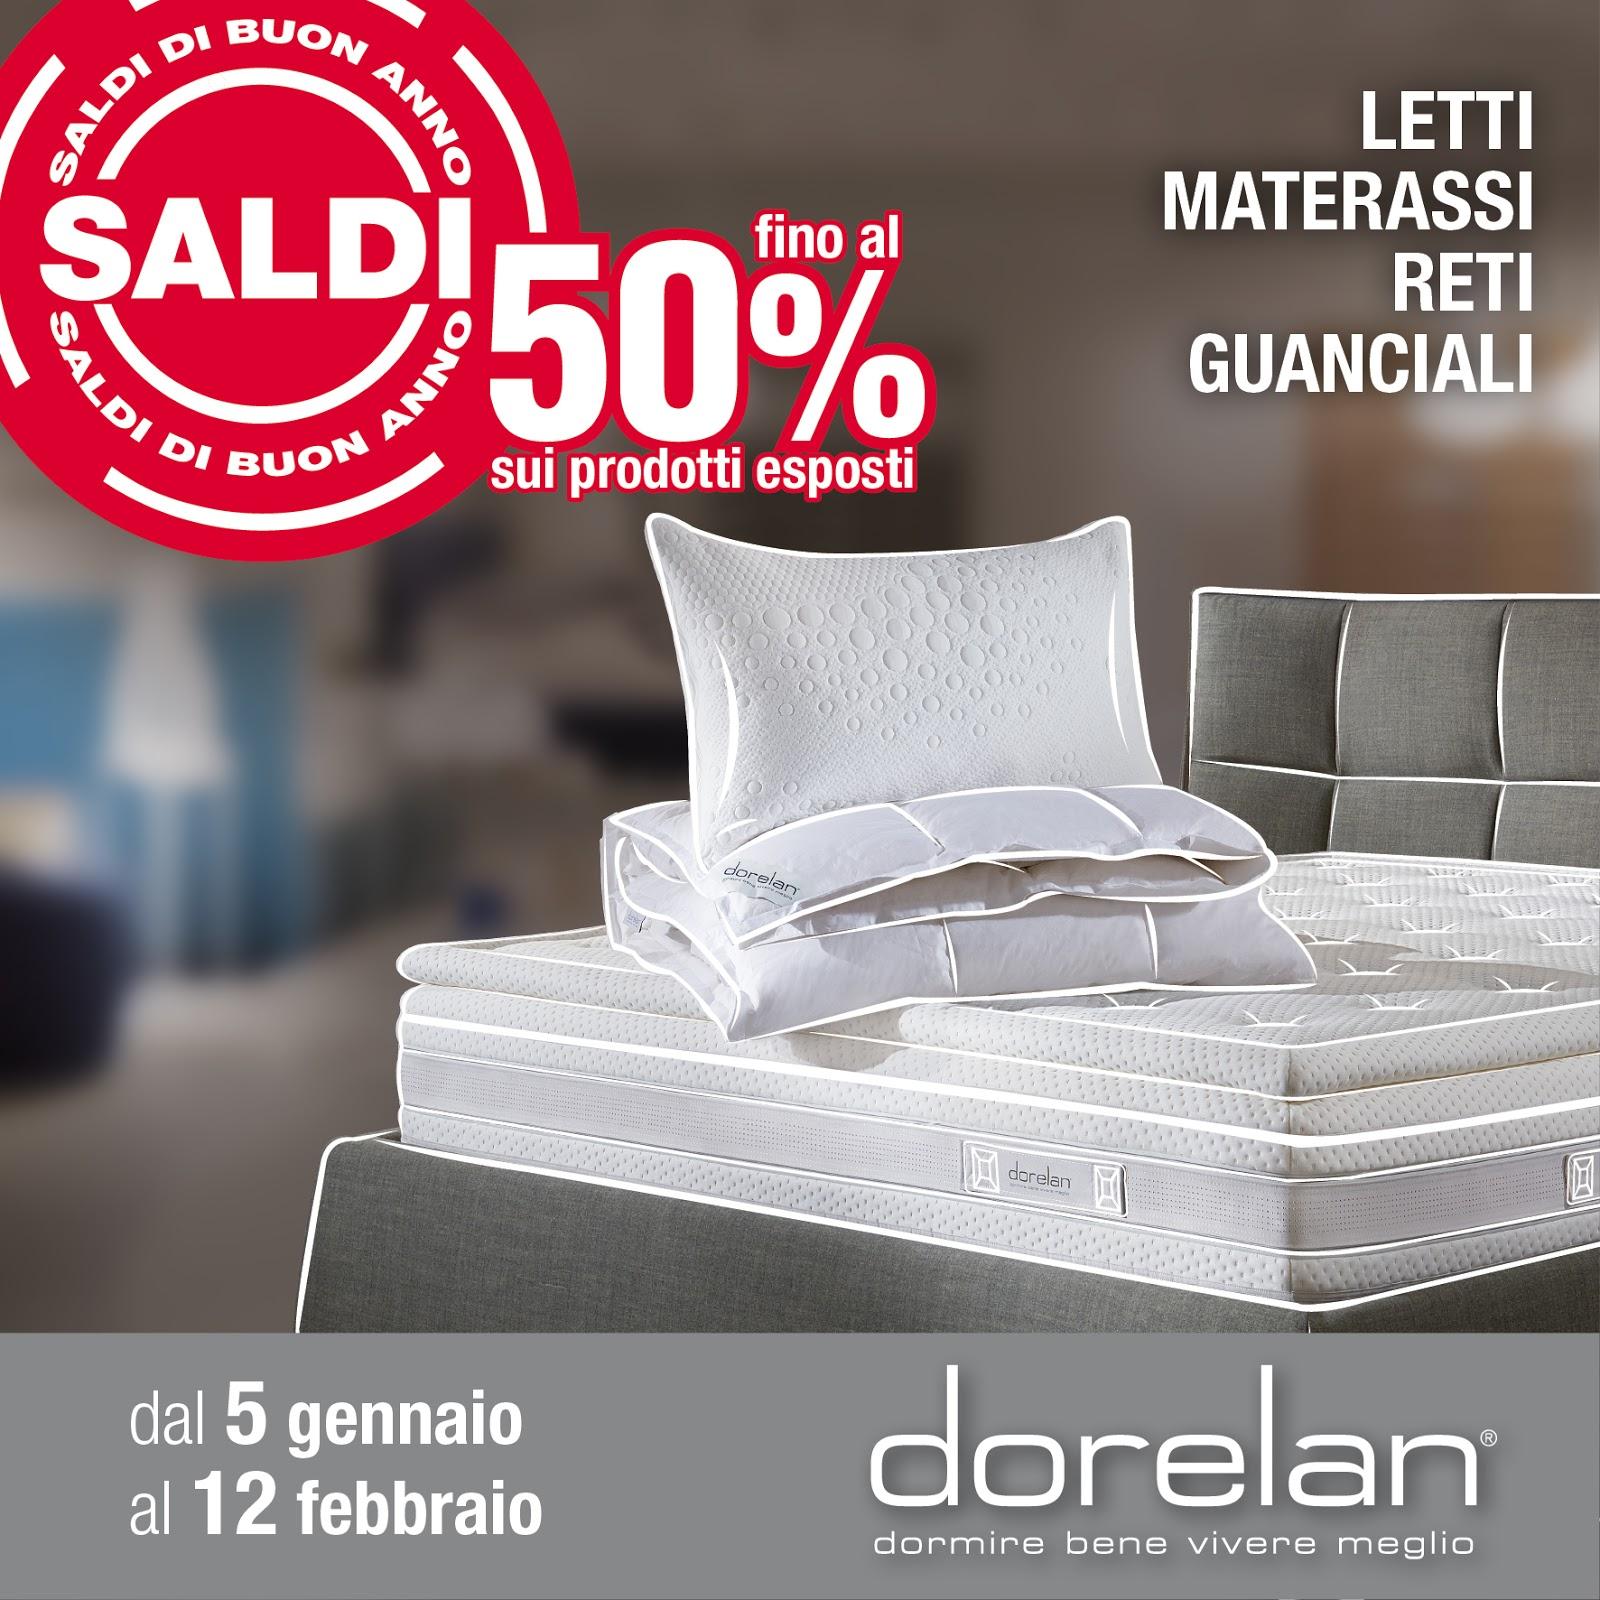 Letti Dorelan Catalogo. Rete In Legno With Letti Dorelan Catalogo ...